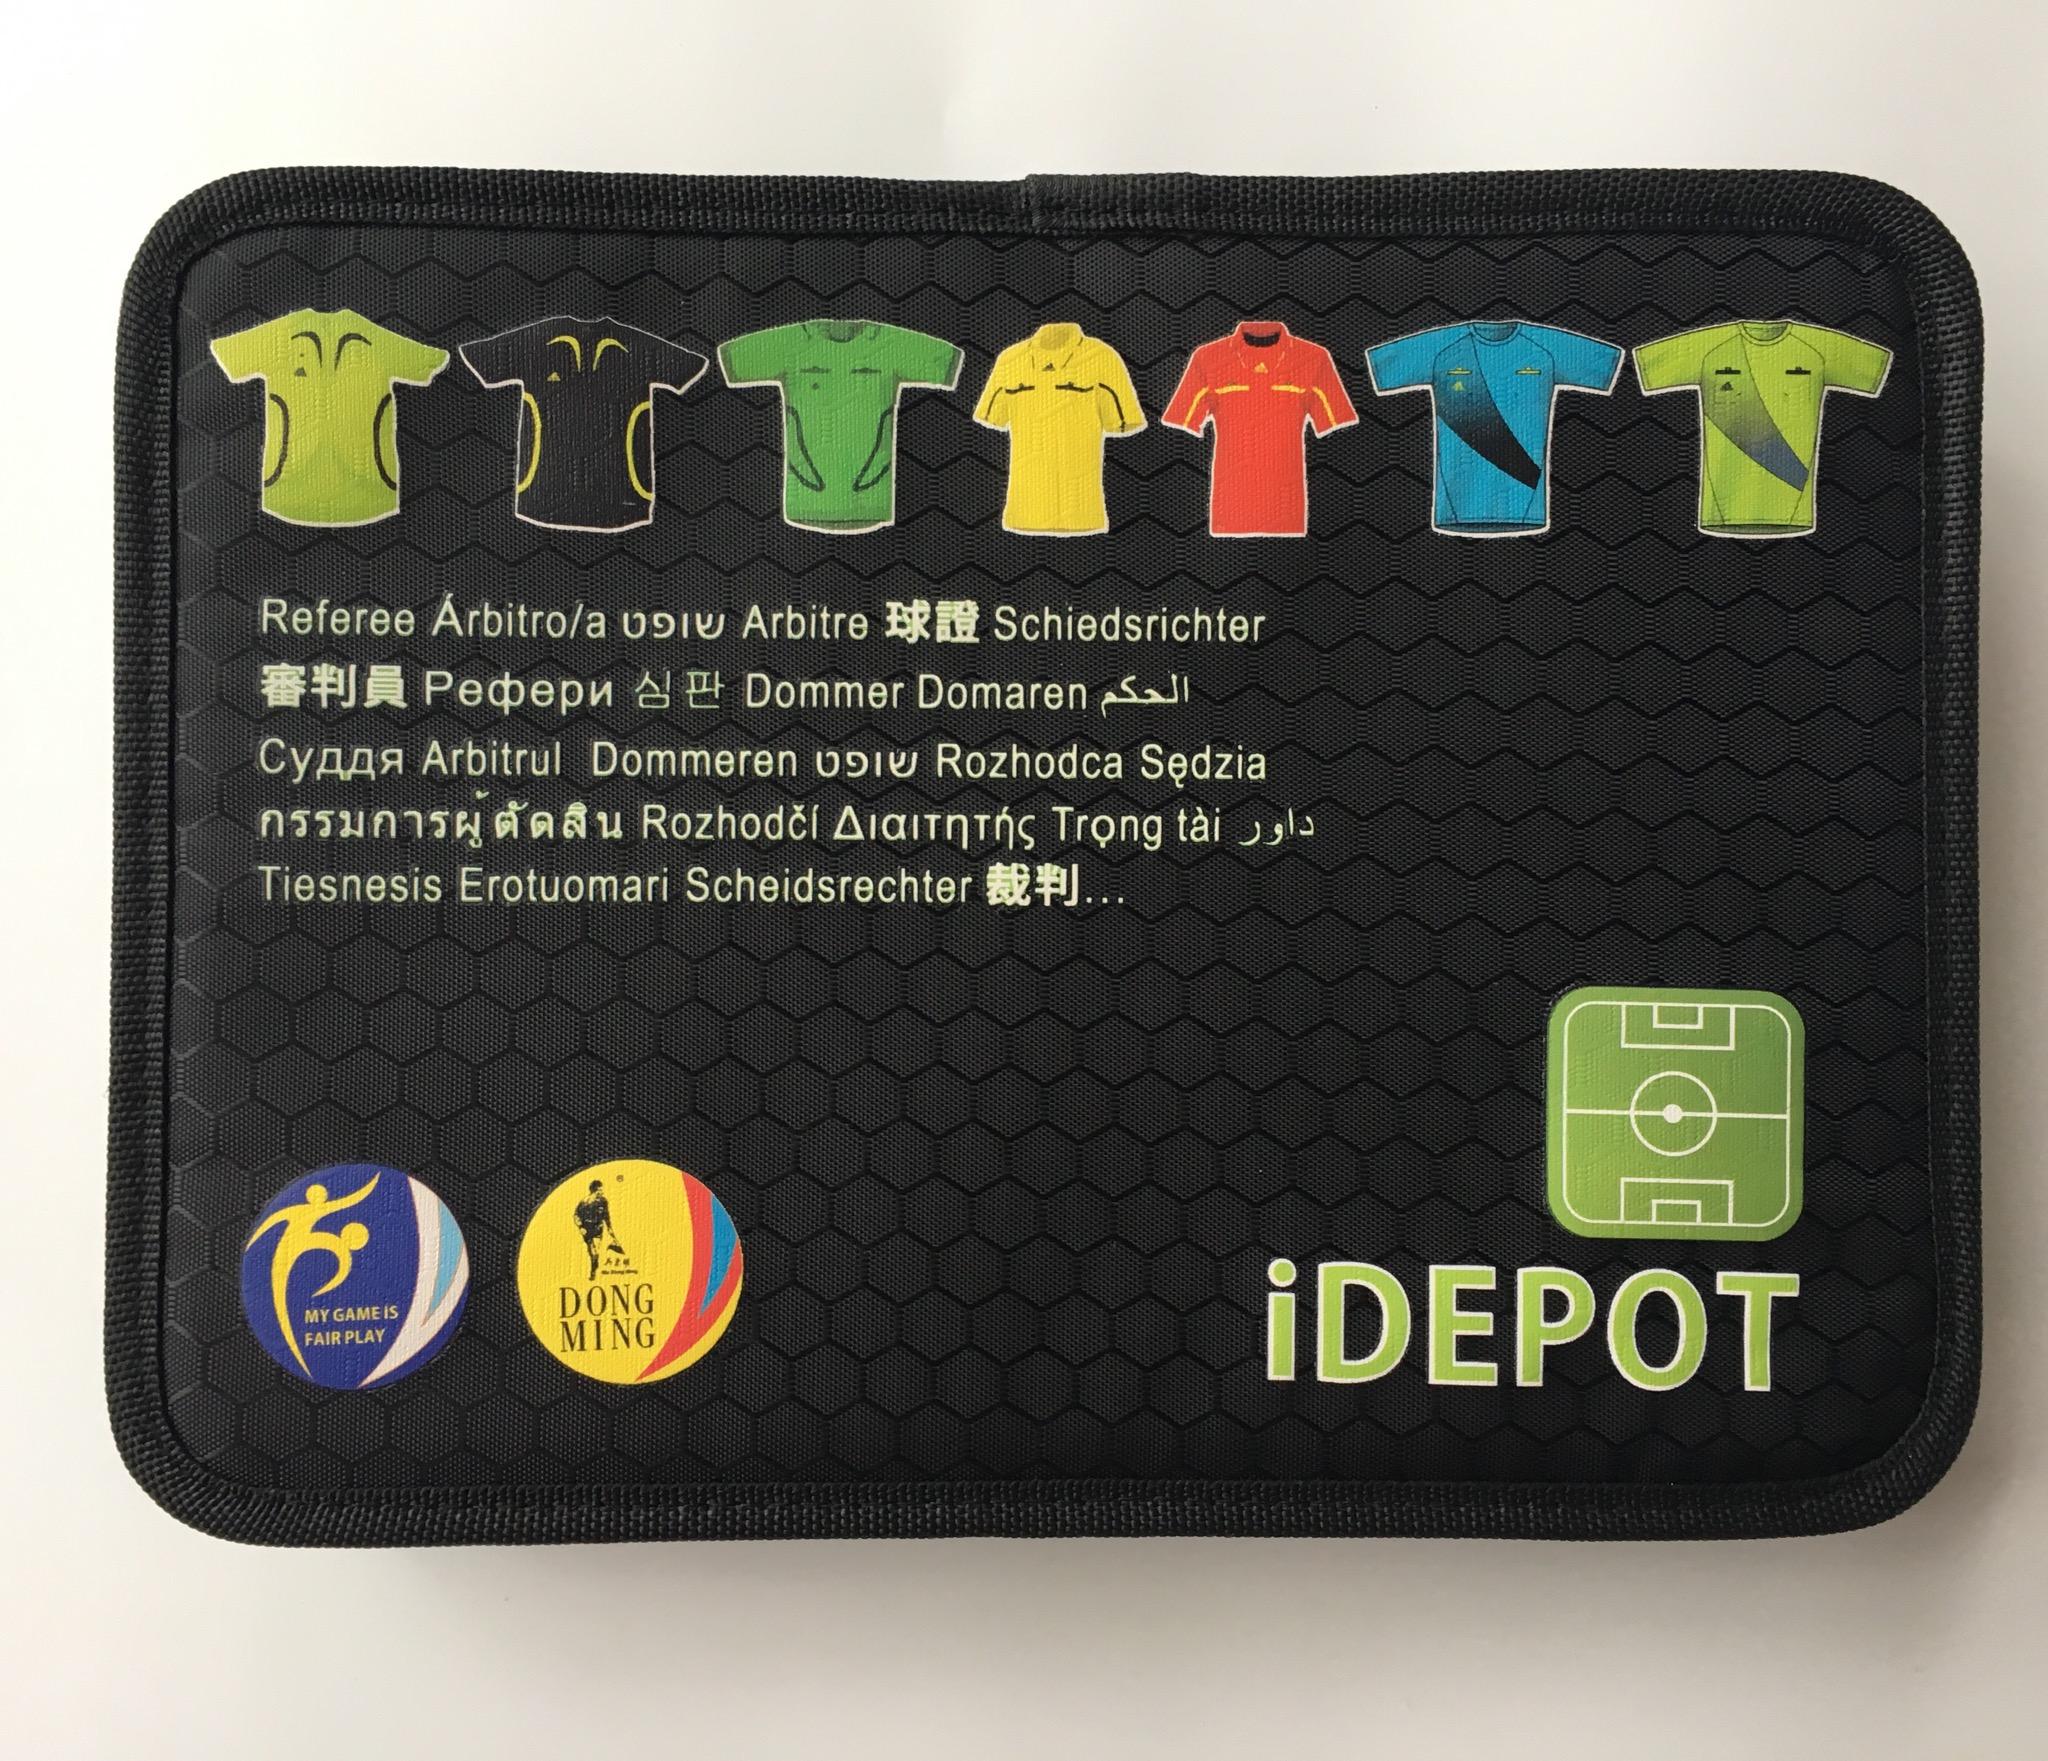 Гуанчжоу Dongming Спорт Большинство новый Рефери пакет Футбольный судья пакет Большая емкость